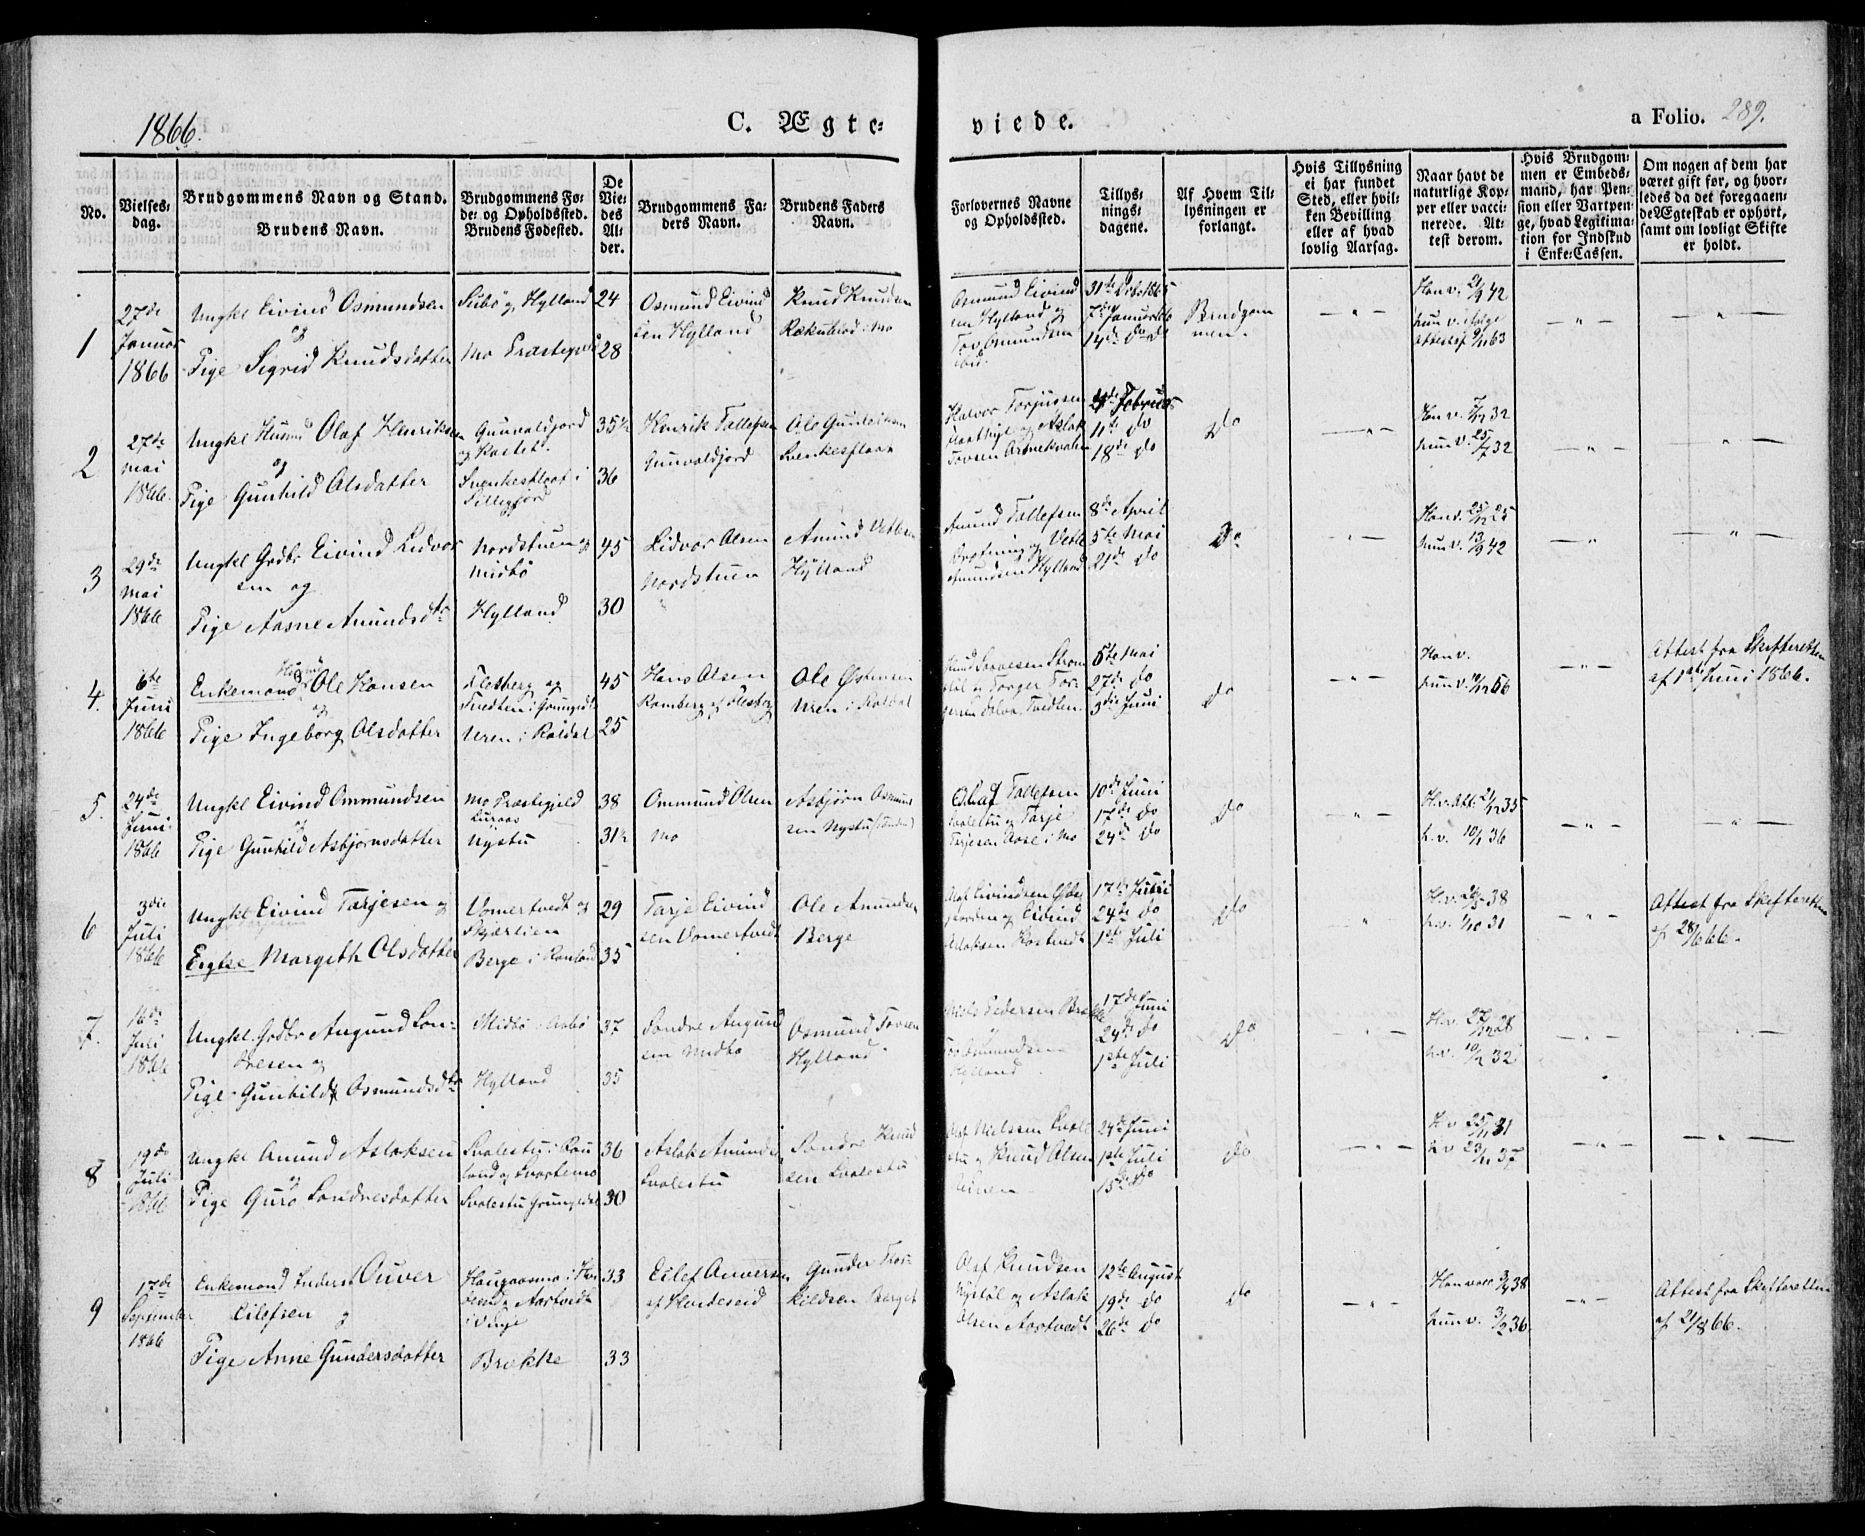 SAKO, Vinje kirkebøker, F/Fa/L0004: Ministerialbok nr. I 4, 1843-1869, s. 289